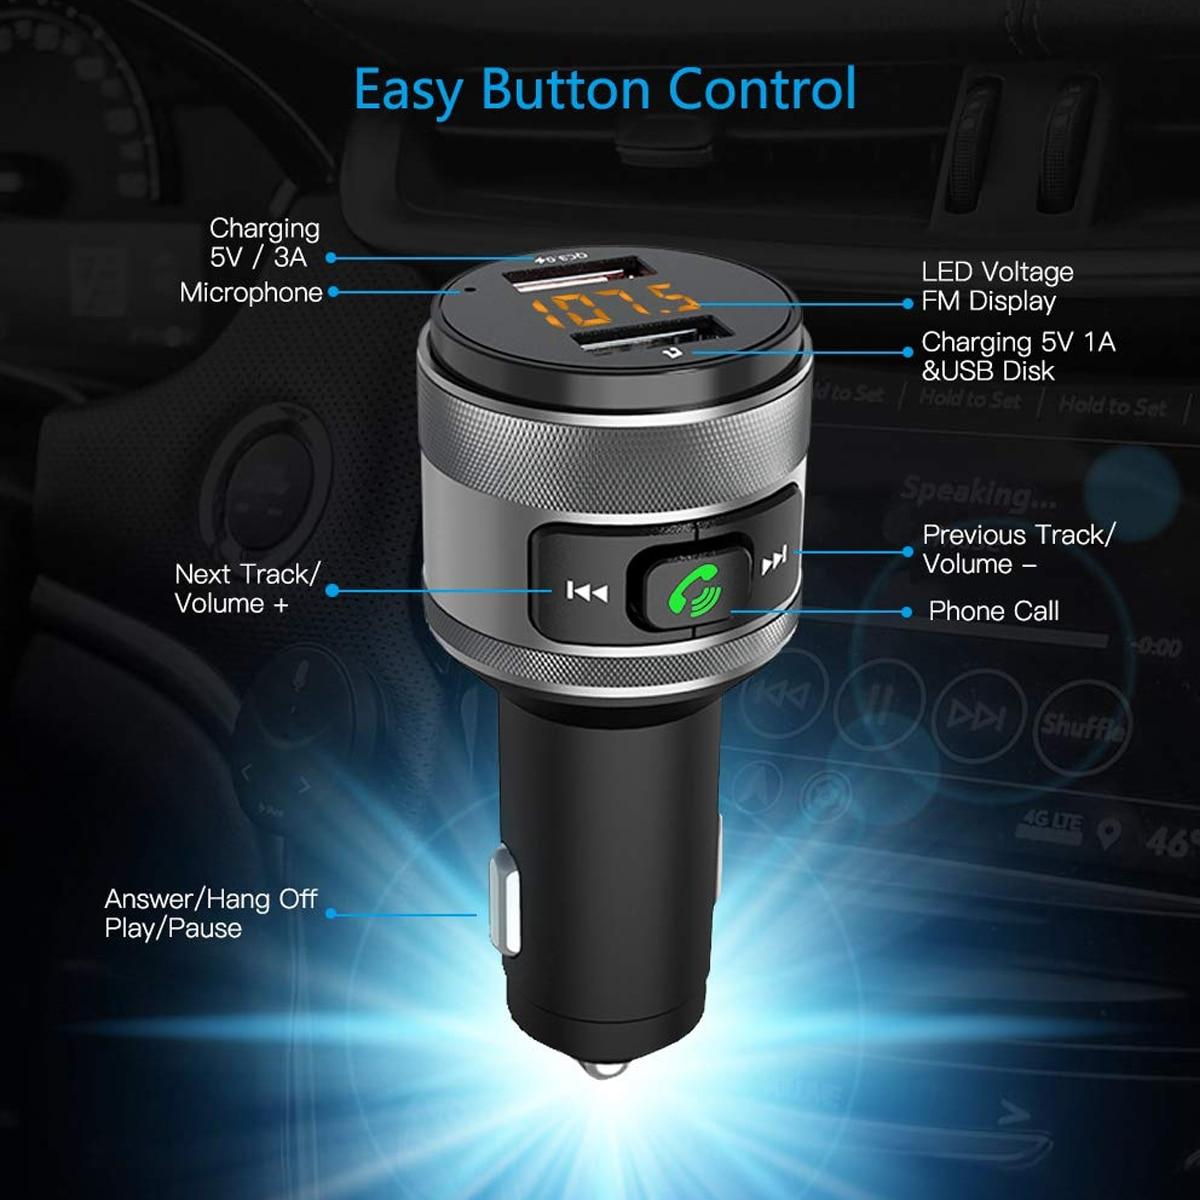 C57 portas usb dupla carga rápida 3.0 carregador de carro bluetooth transmissor fm carro kit mp3 player música sem fio adaptador rádio fm